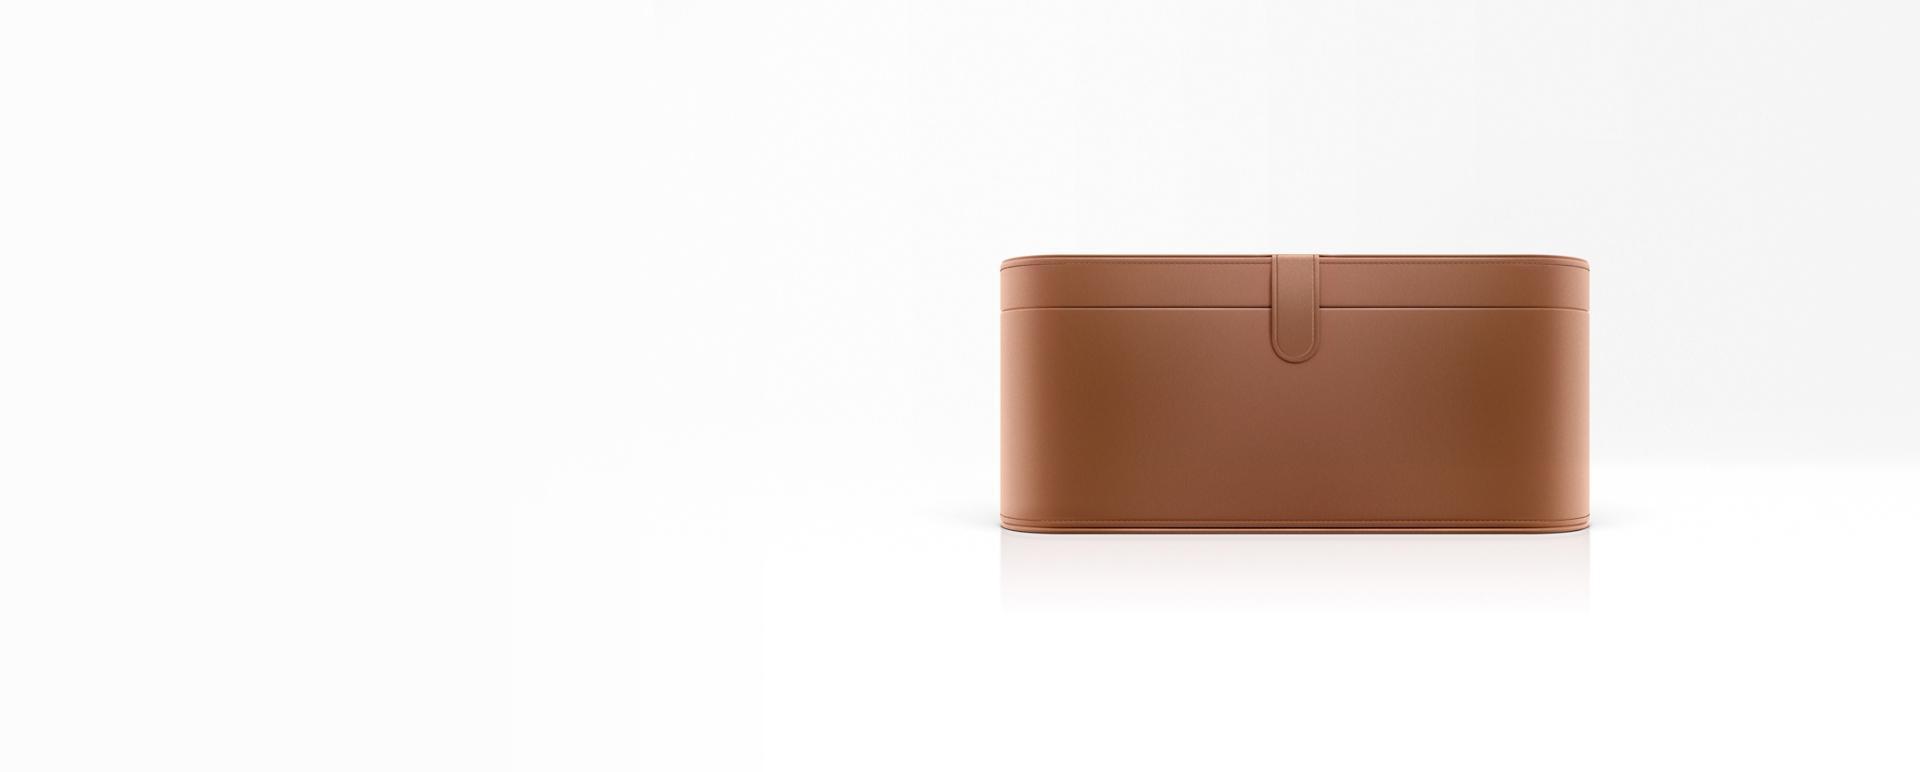 Dyson Airwrap™ cases